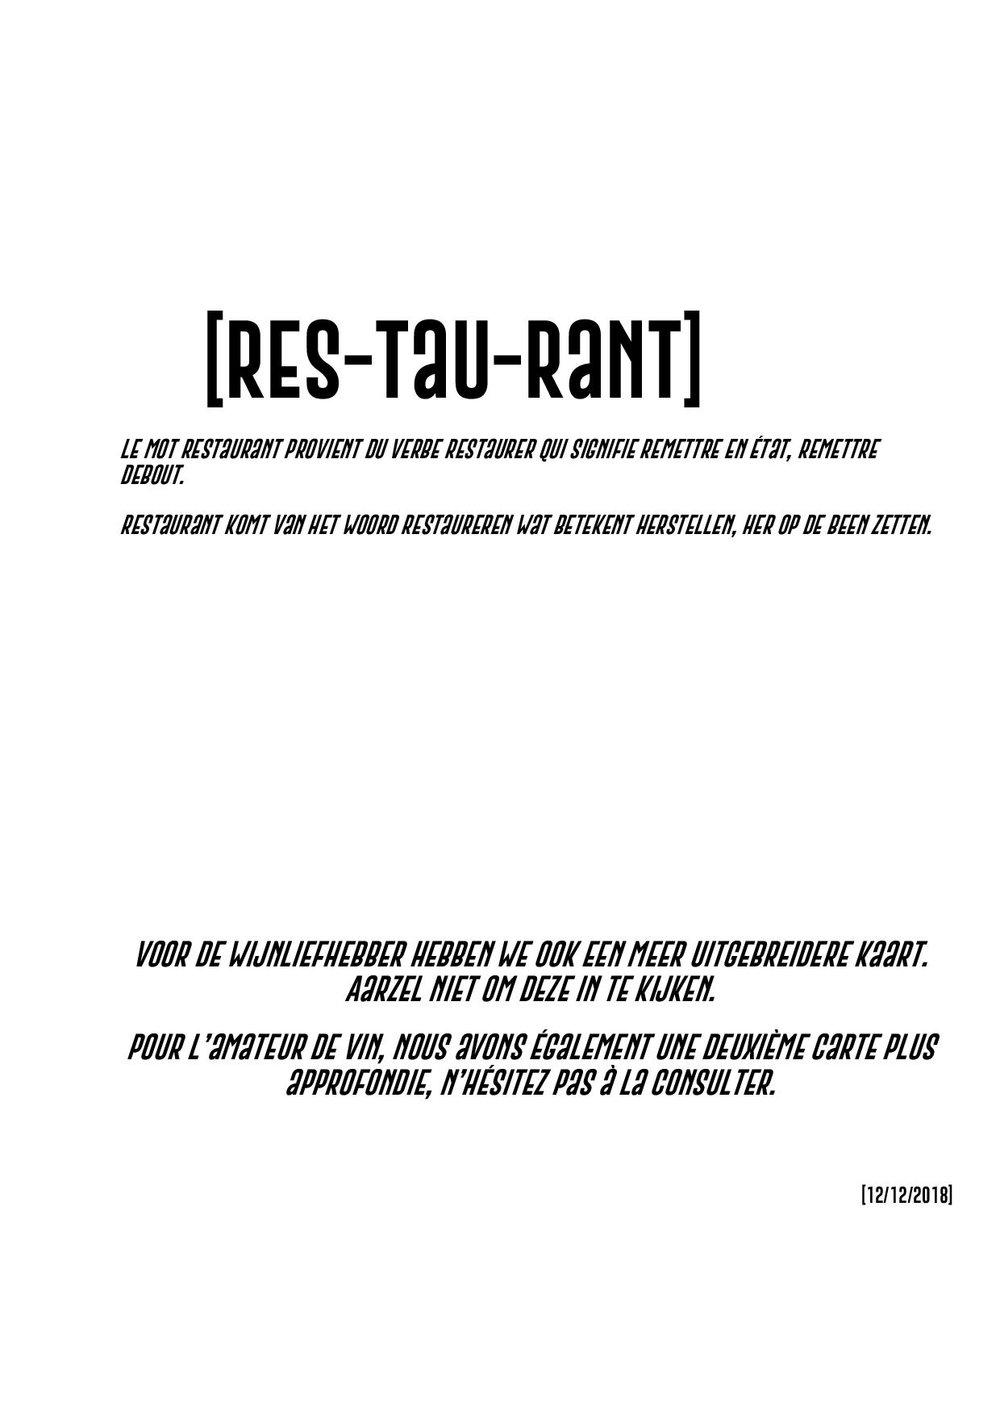 Terminus Wijnkaart Winter 2018-12-12 Restaurant-page-001.jpg